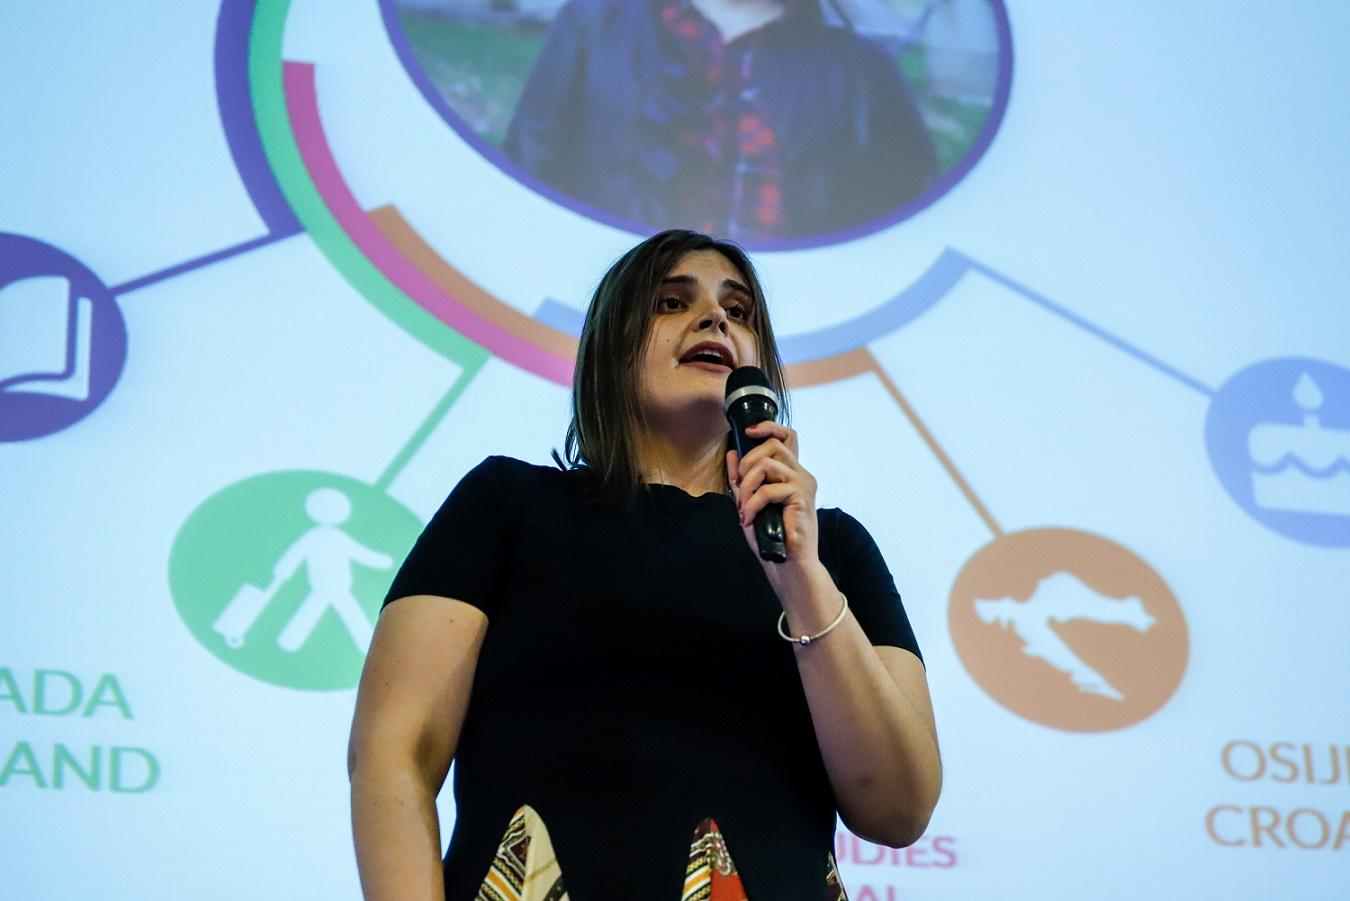 Tajana Mohnacki izabrana za potpredsjednicu Erasmus studentske mreže - Slika 1